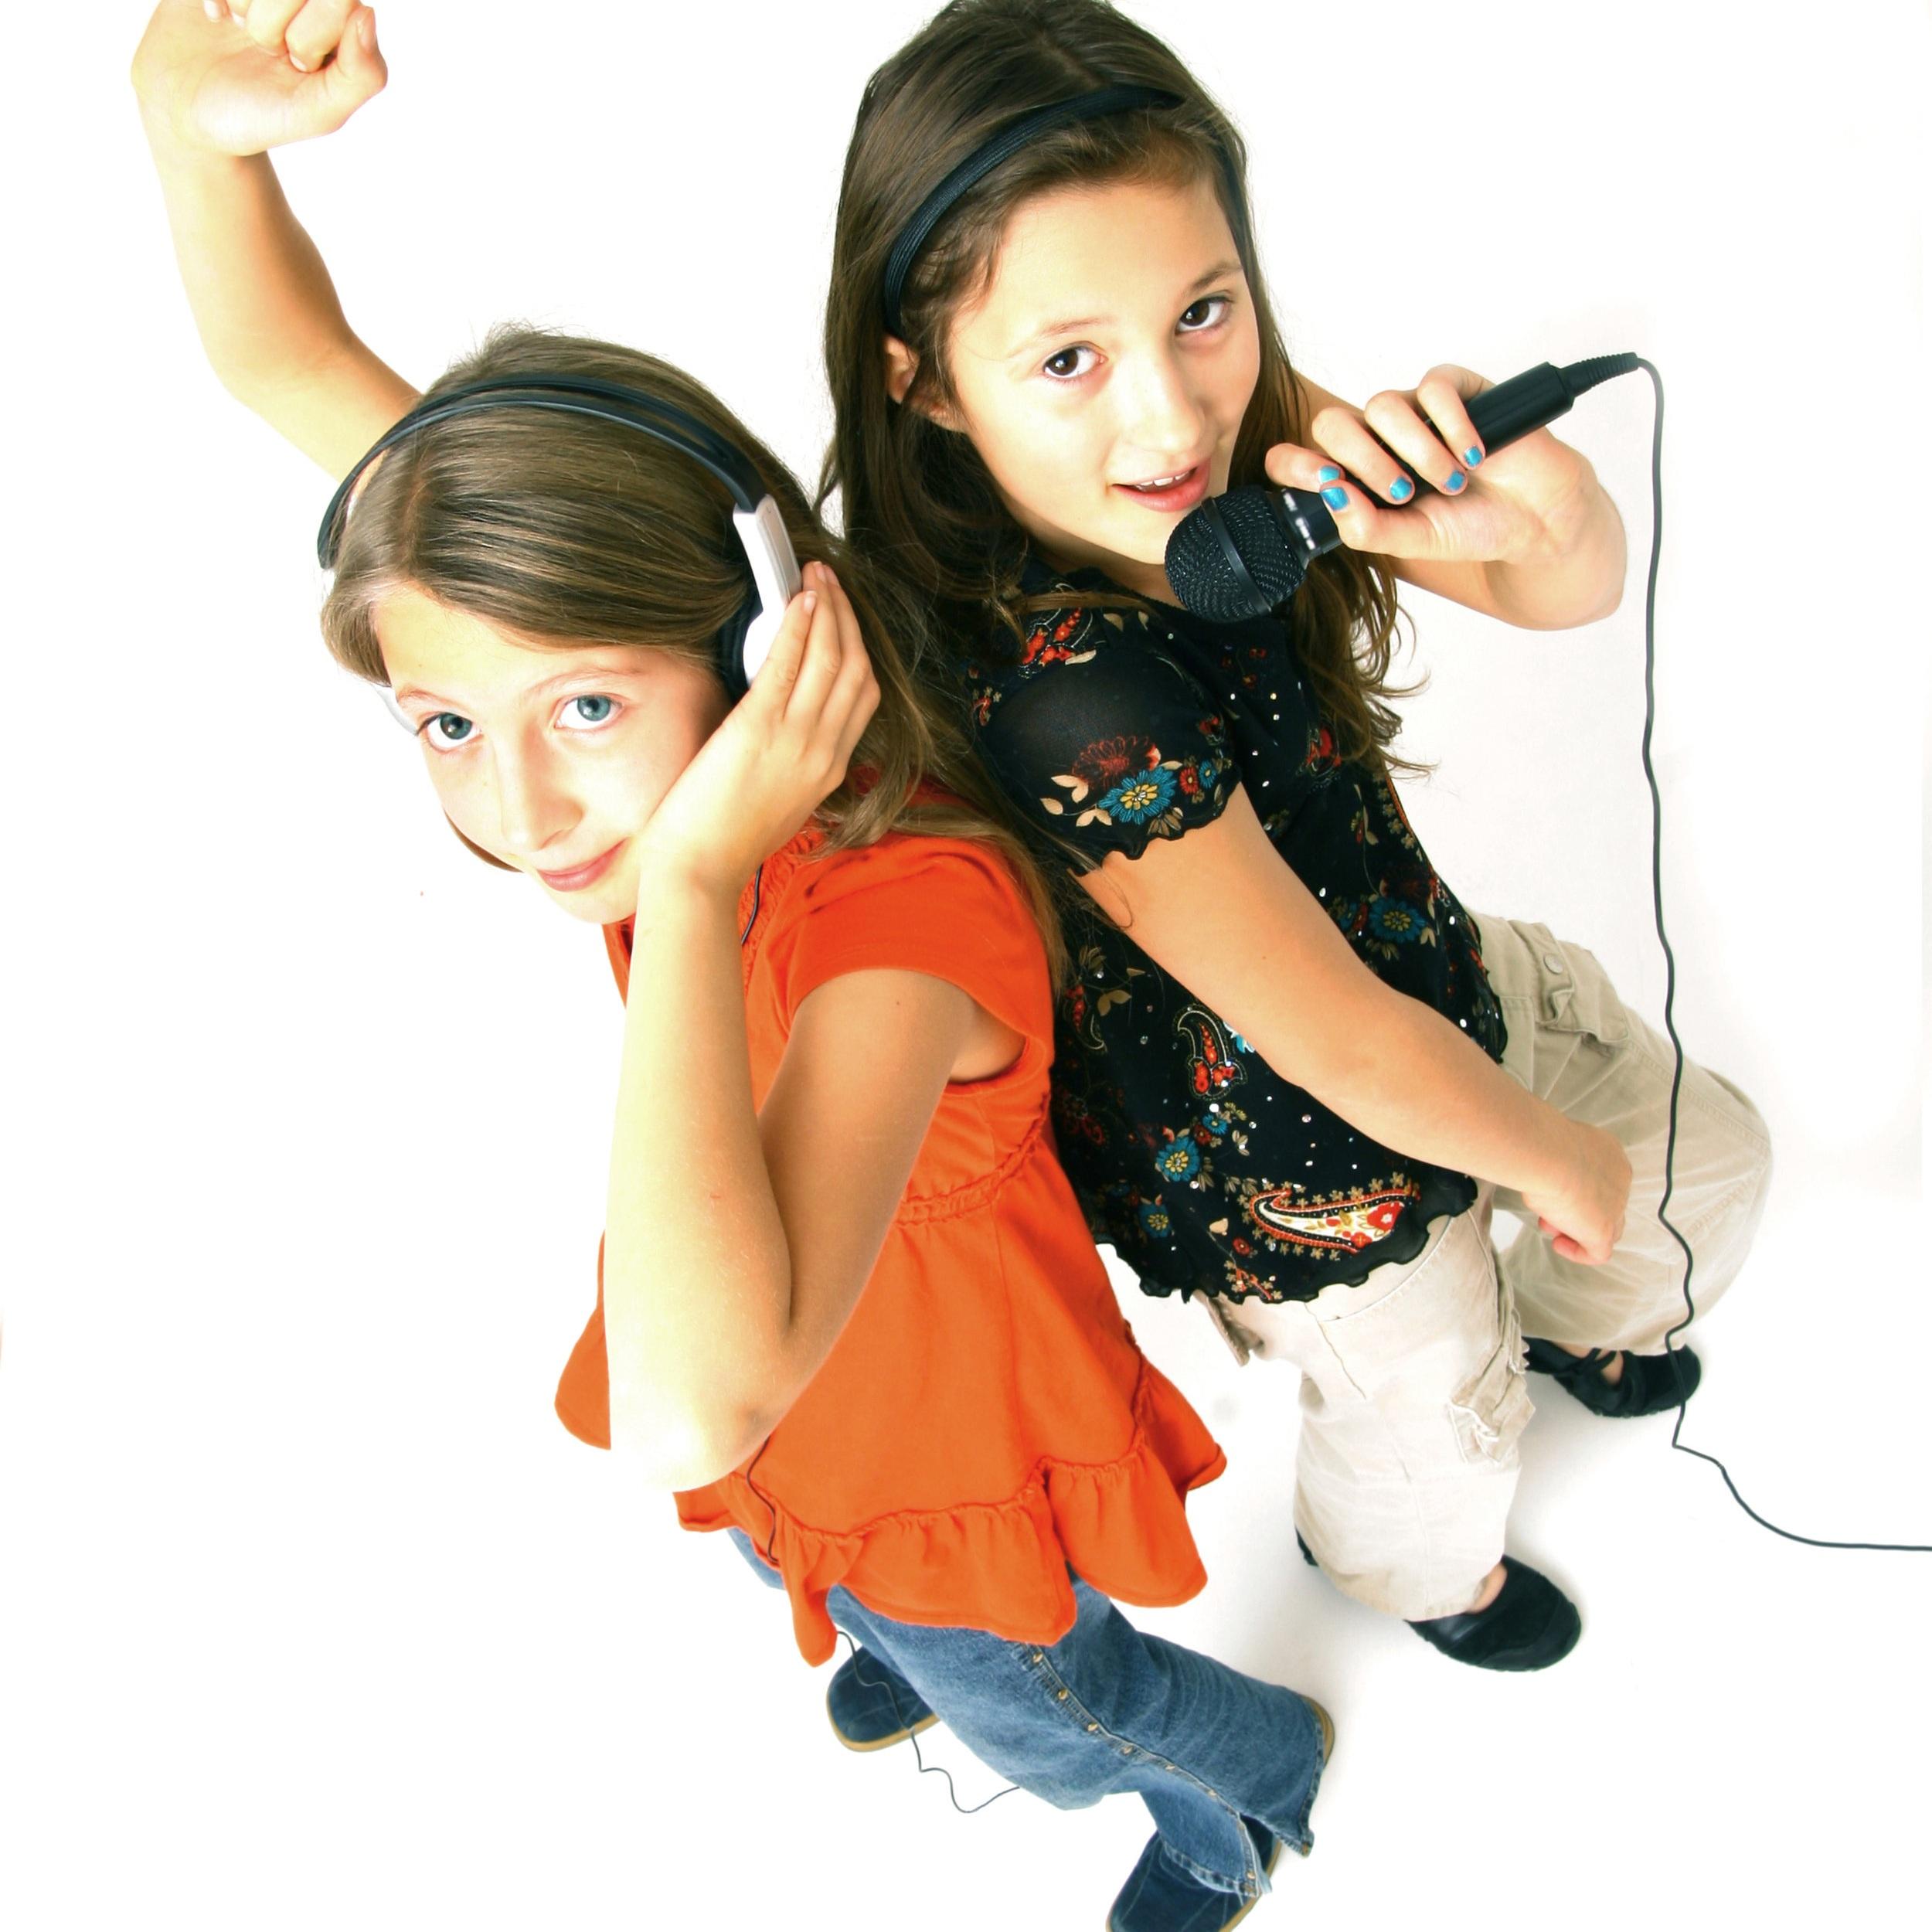 Two+Girls+Singing.jpg